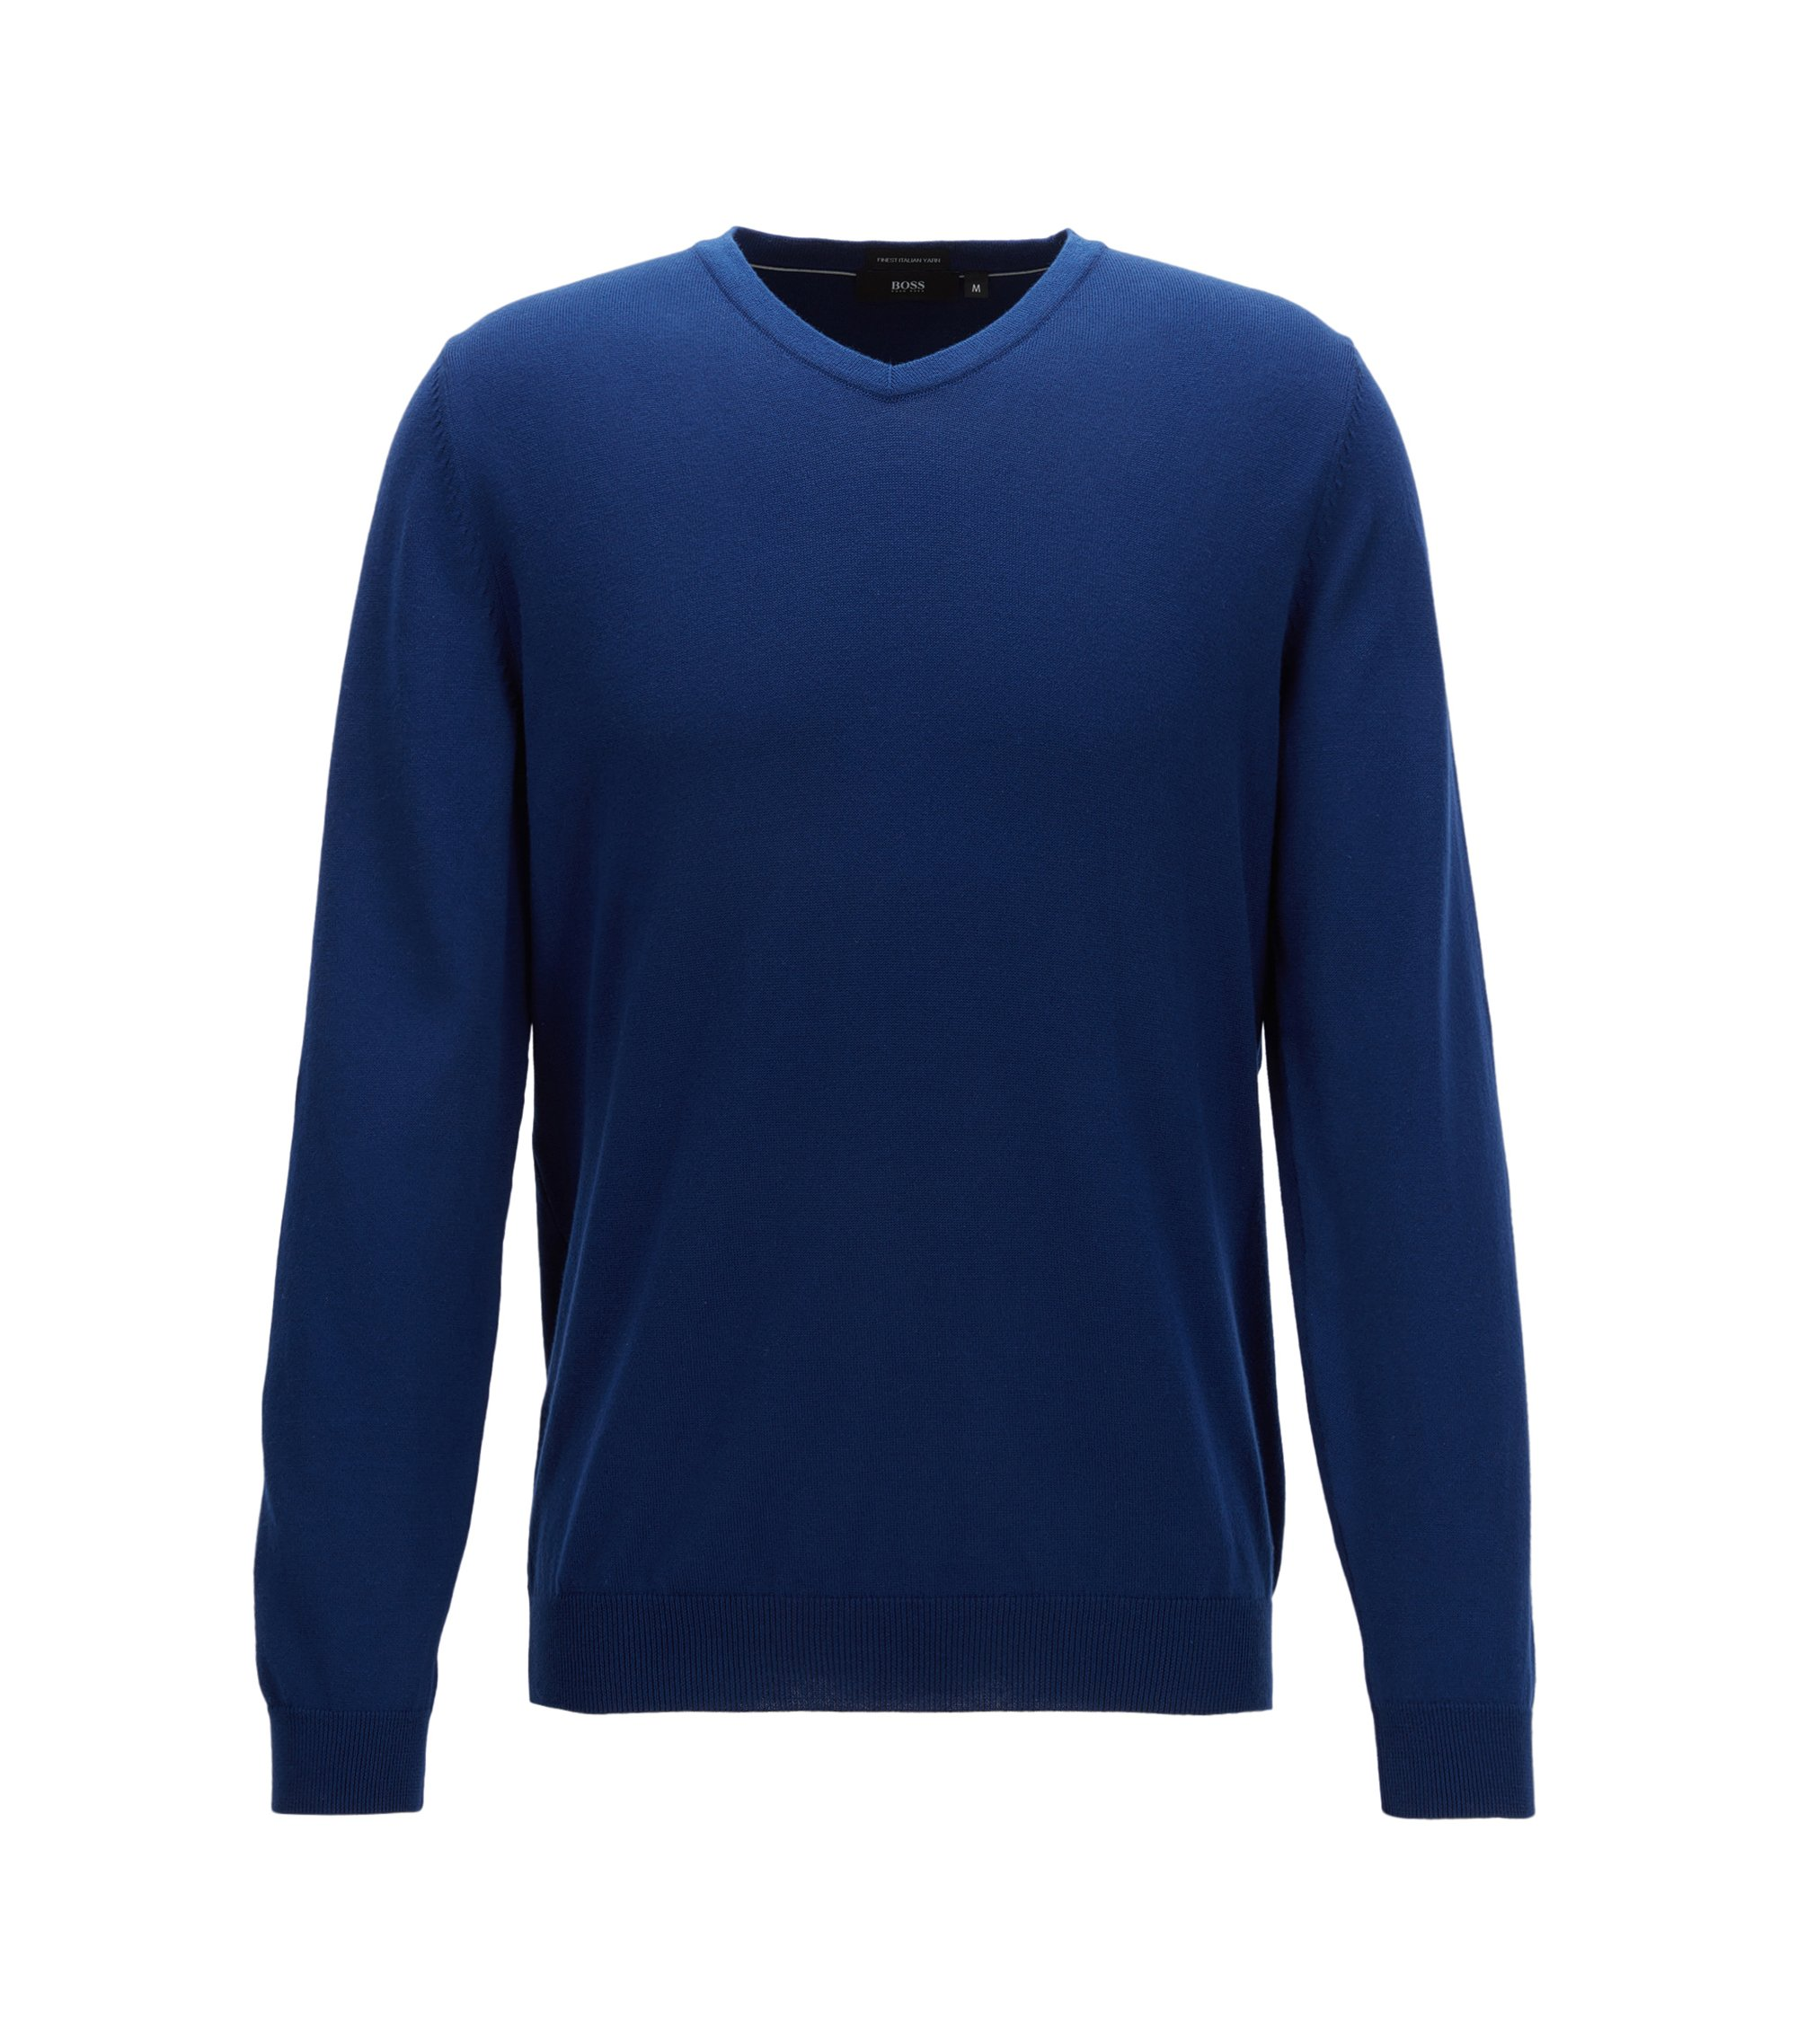 Pullover aus italienischer Baumwolle mit V-Ausschnitt, Dunkelblau